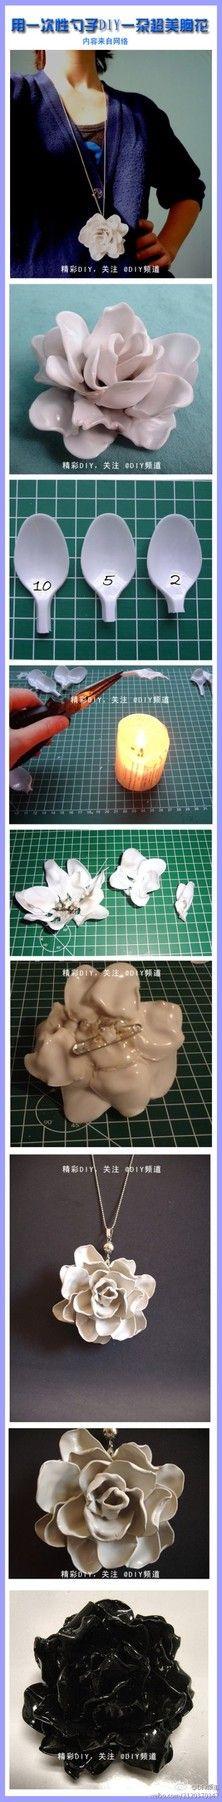 bloem van lepels